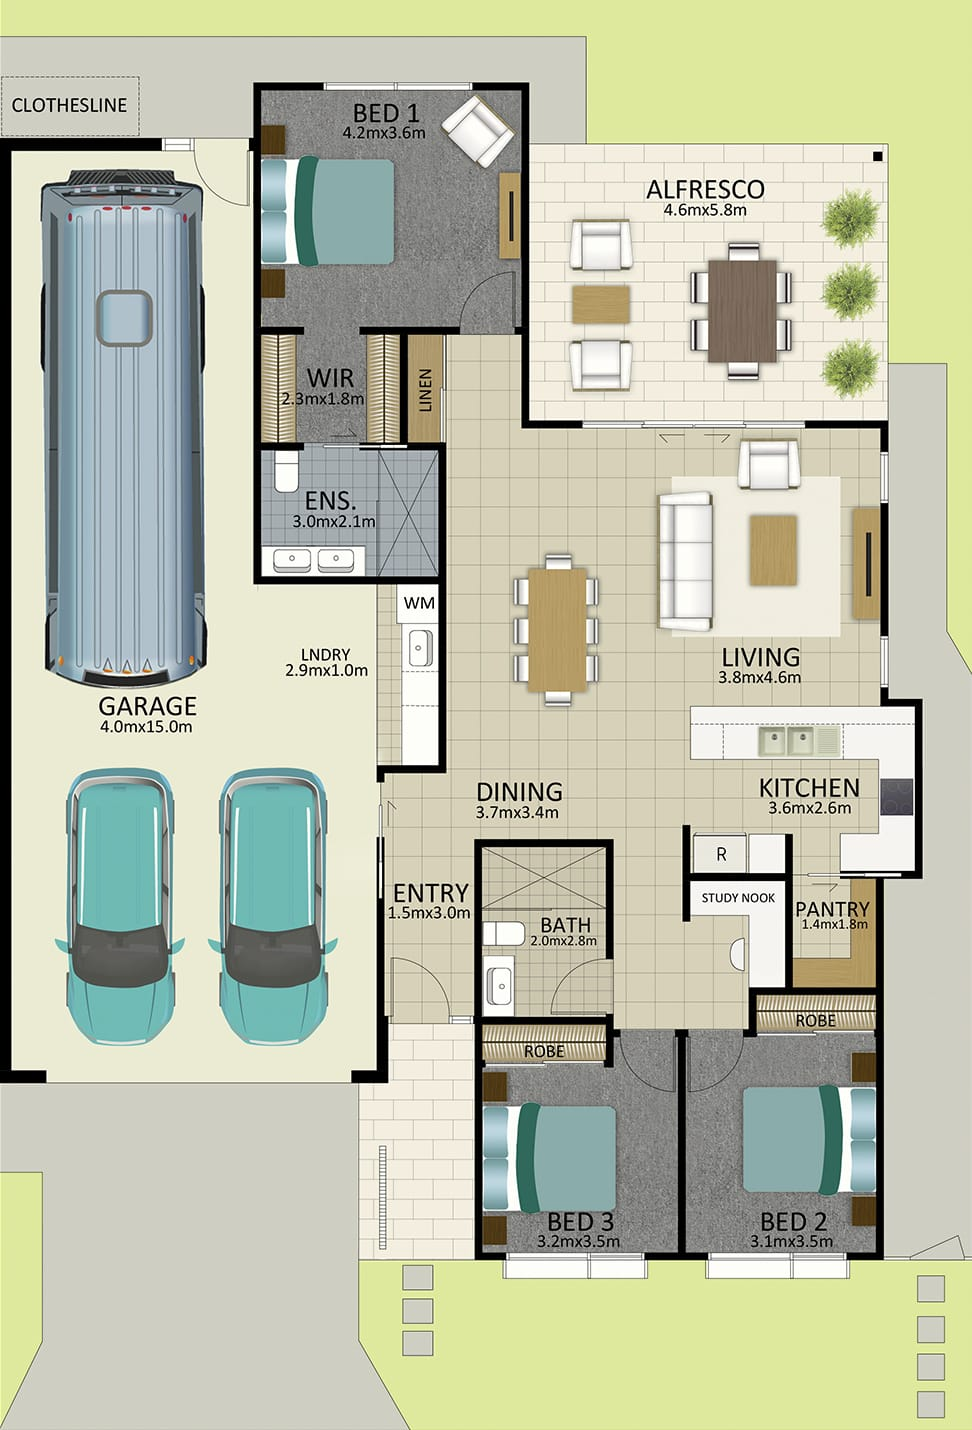 LR WEB LAT25 Floorplan LOT 162 Kennard JUL19 V1 - Lot 162